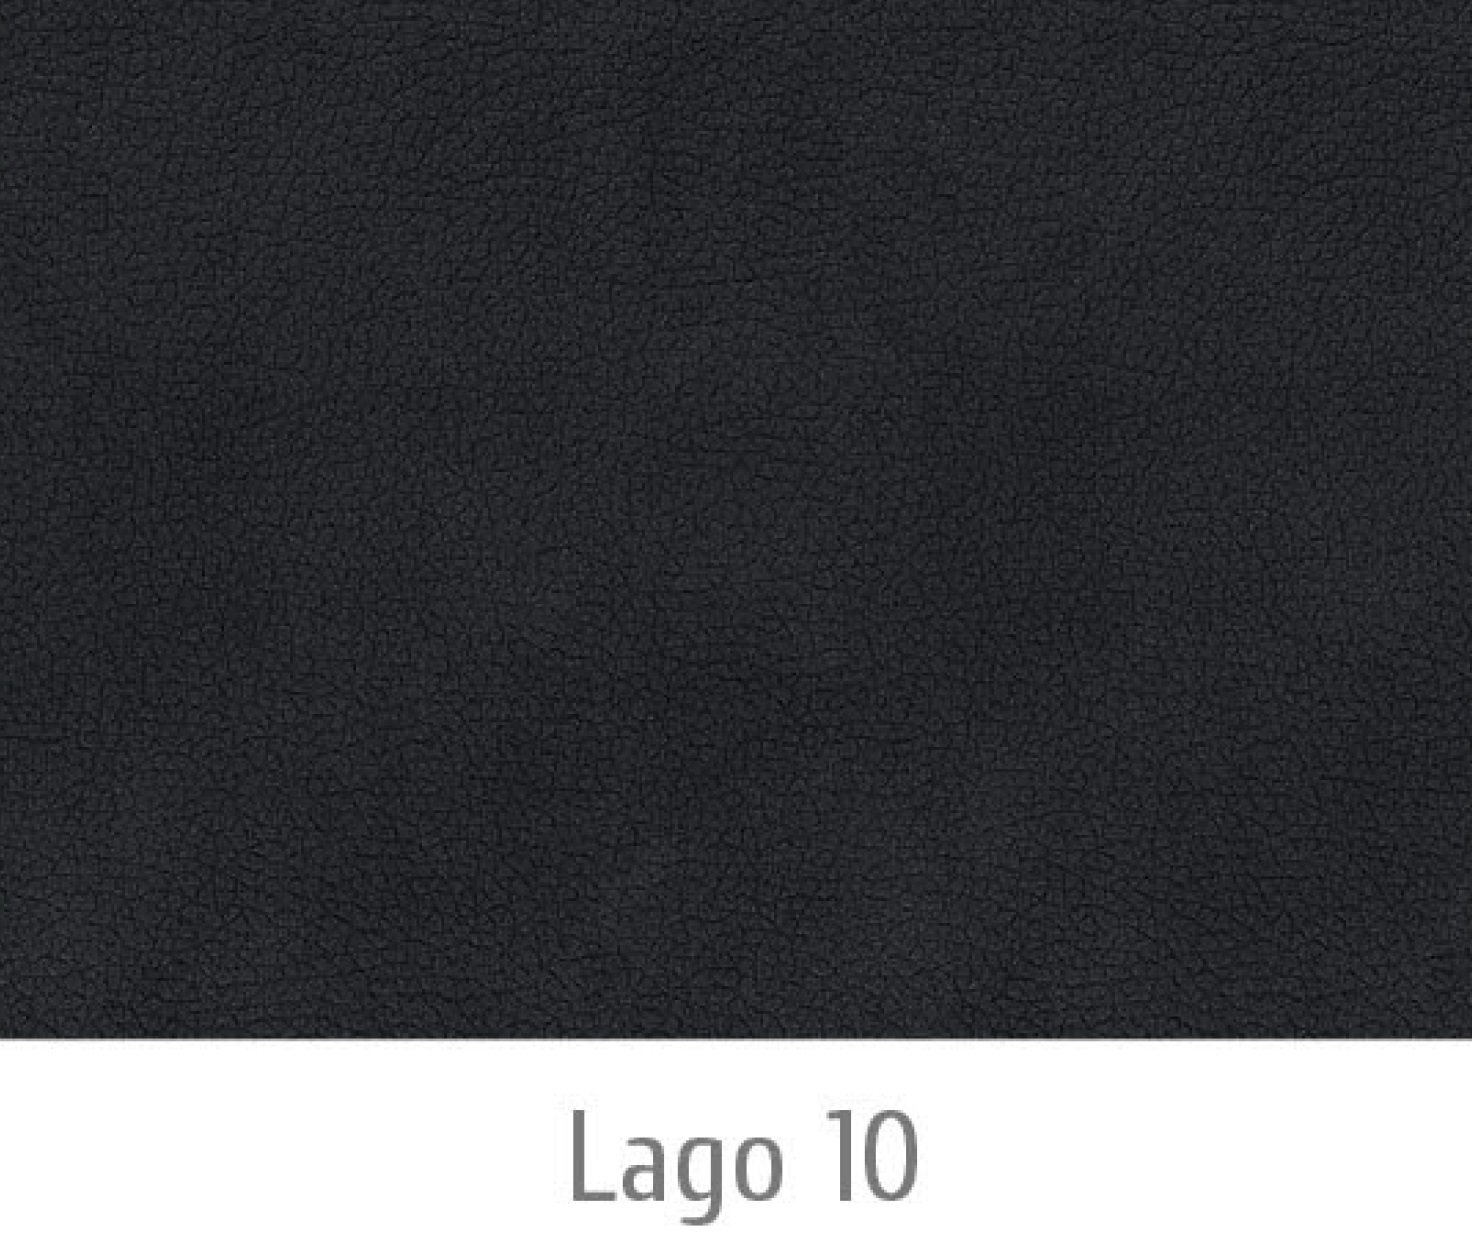 Lago10